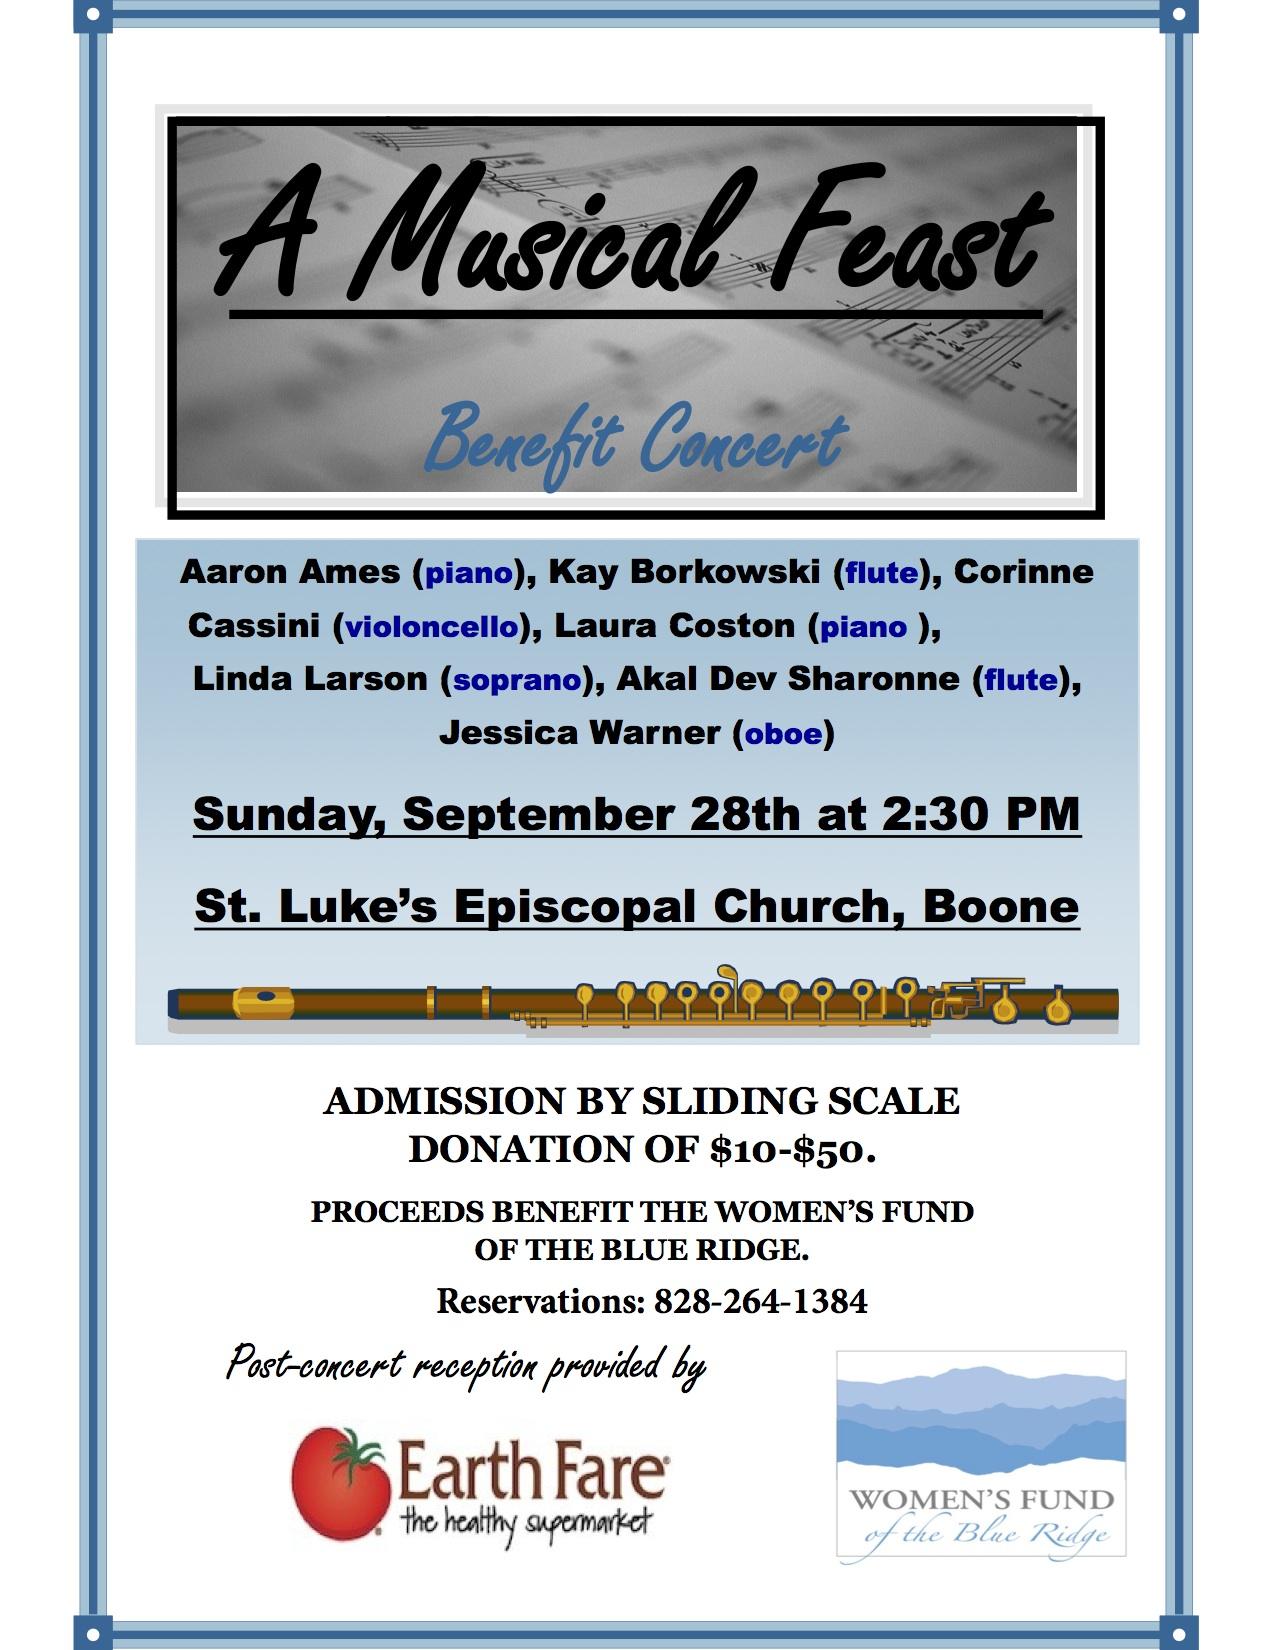 A Musical Feast benefit concert